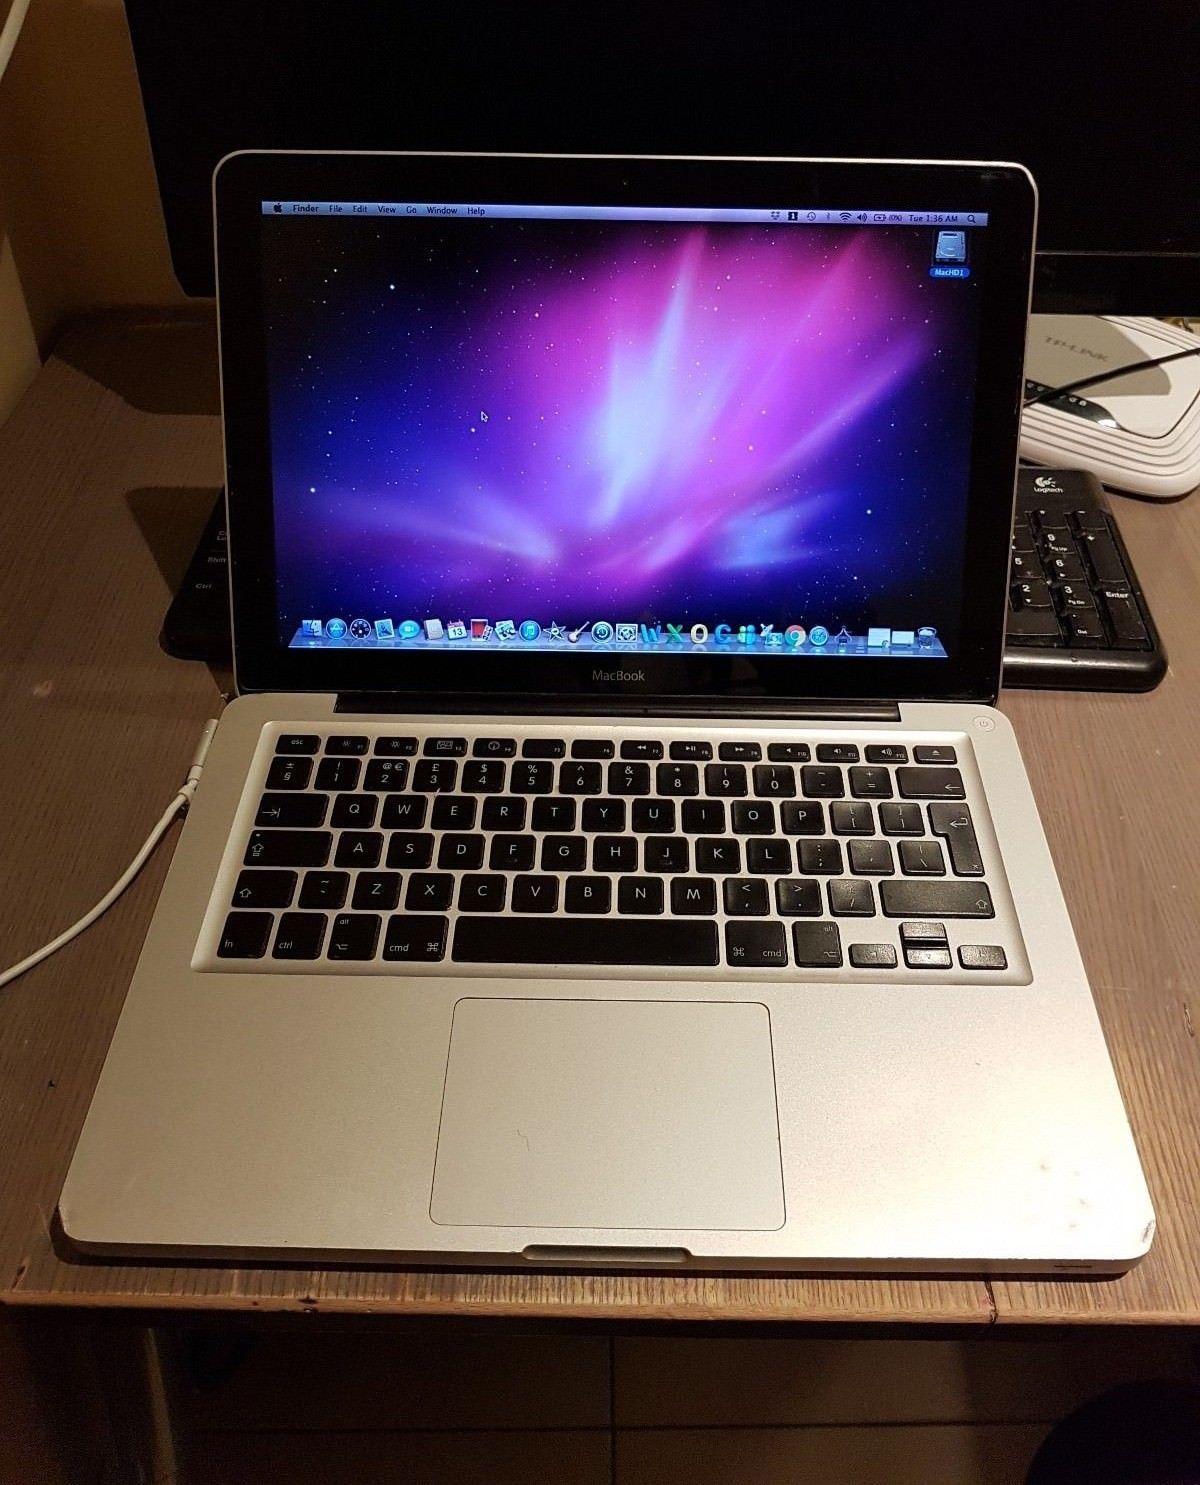 Apple MacBook Pro 13 (Late 2008) |